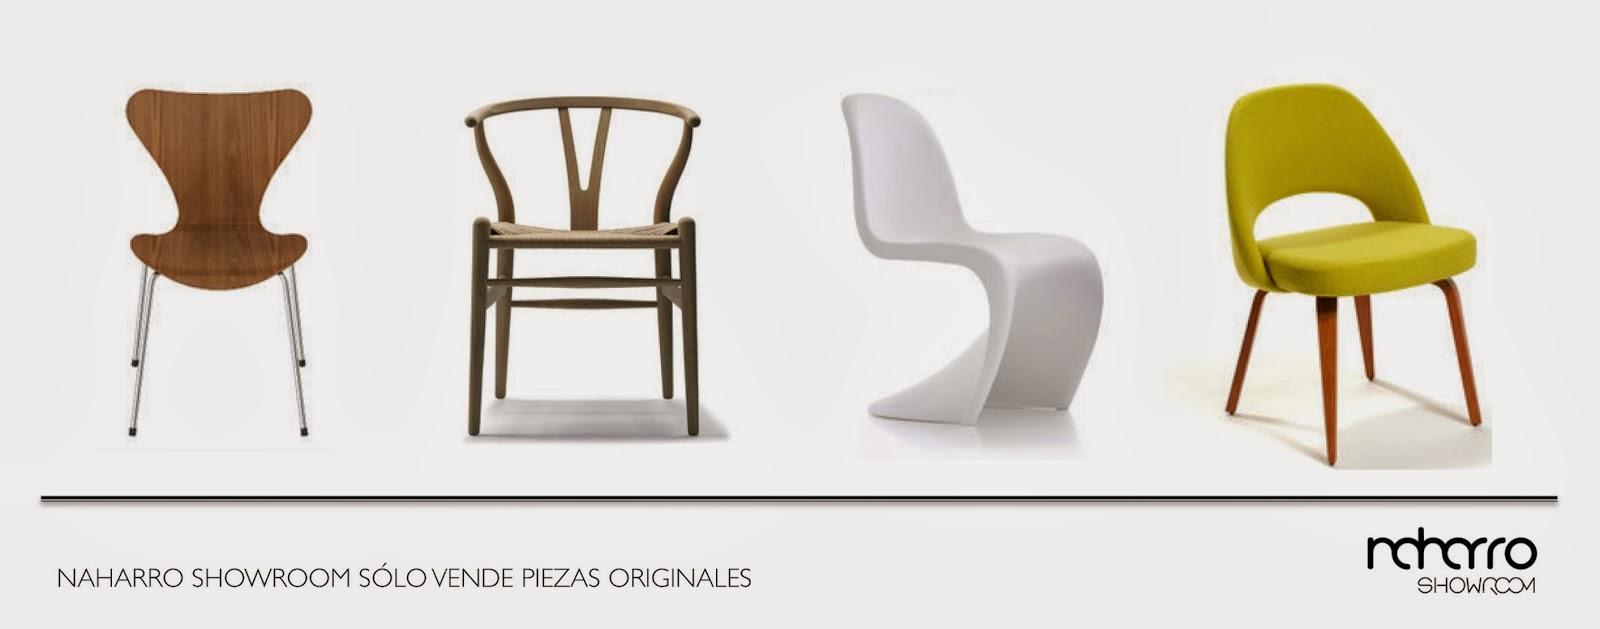 Originales vs r plicas nuria naharro - Sillas vitra precios ...